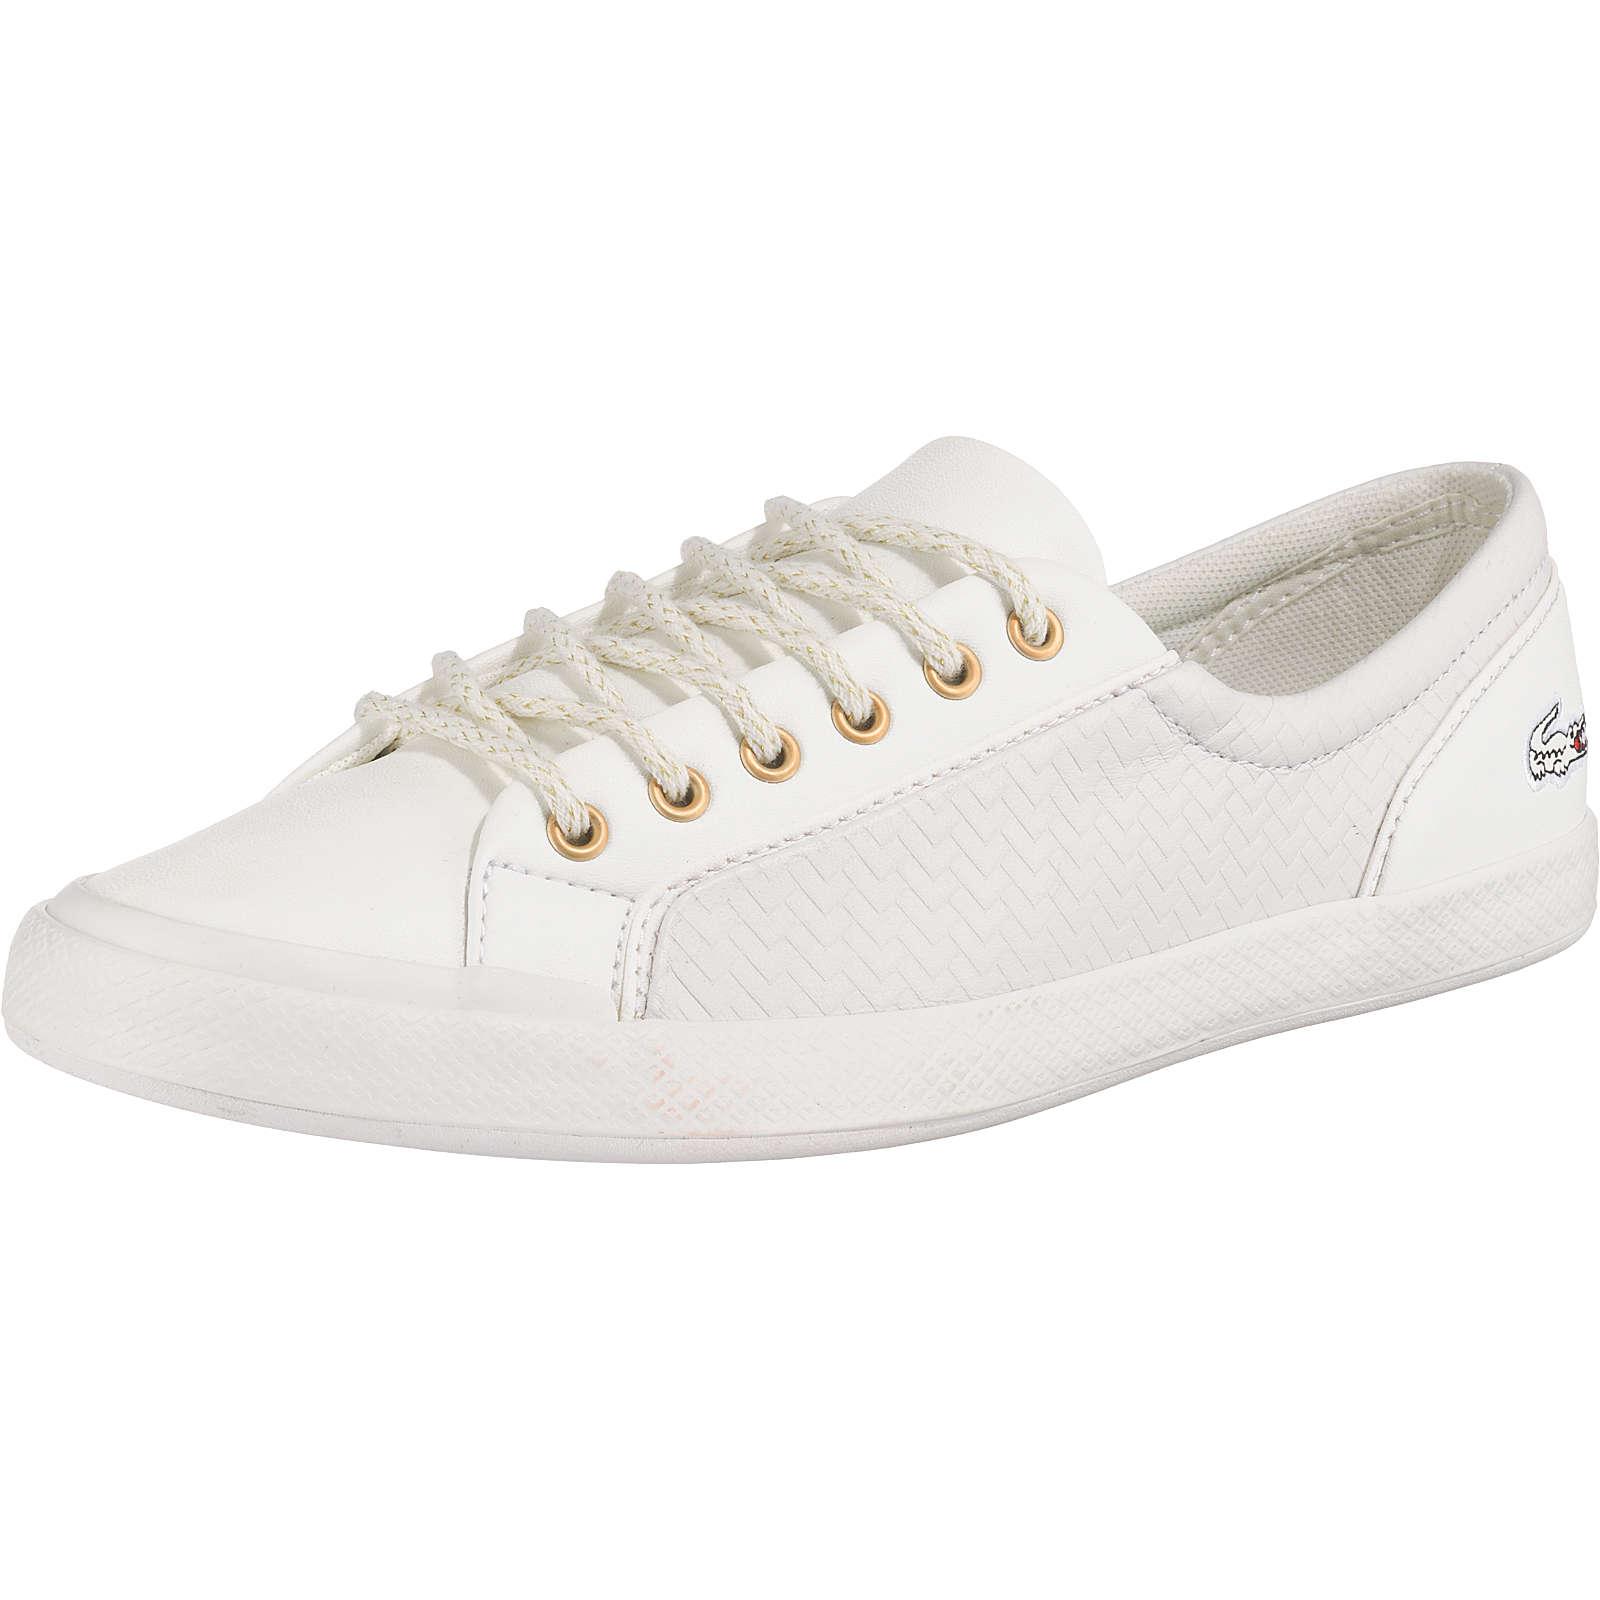 LACOSTE Lancelle Sneakers Low weiß Damen Gr. 37